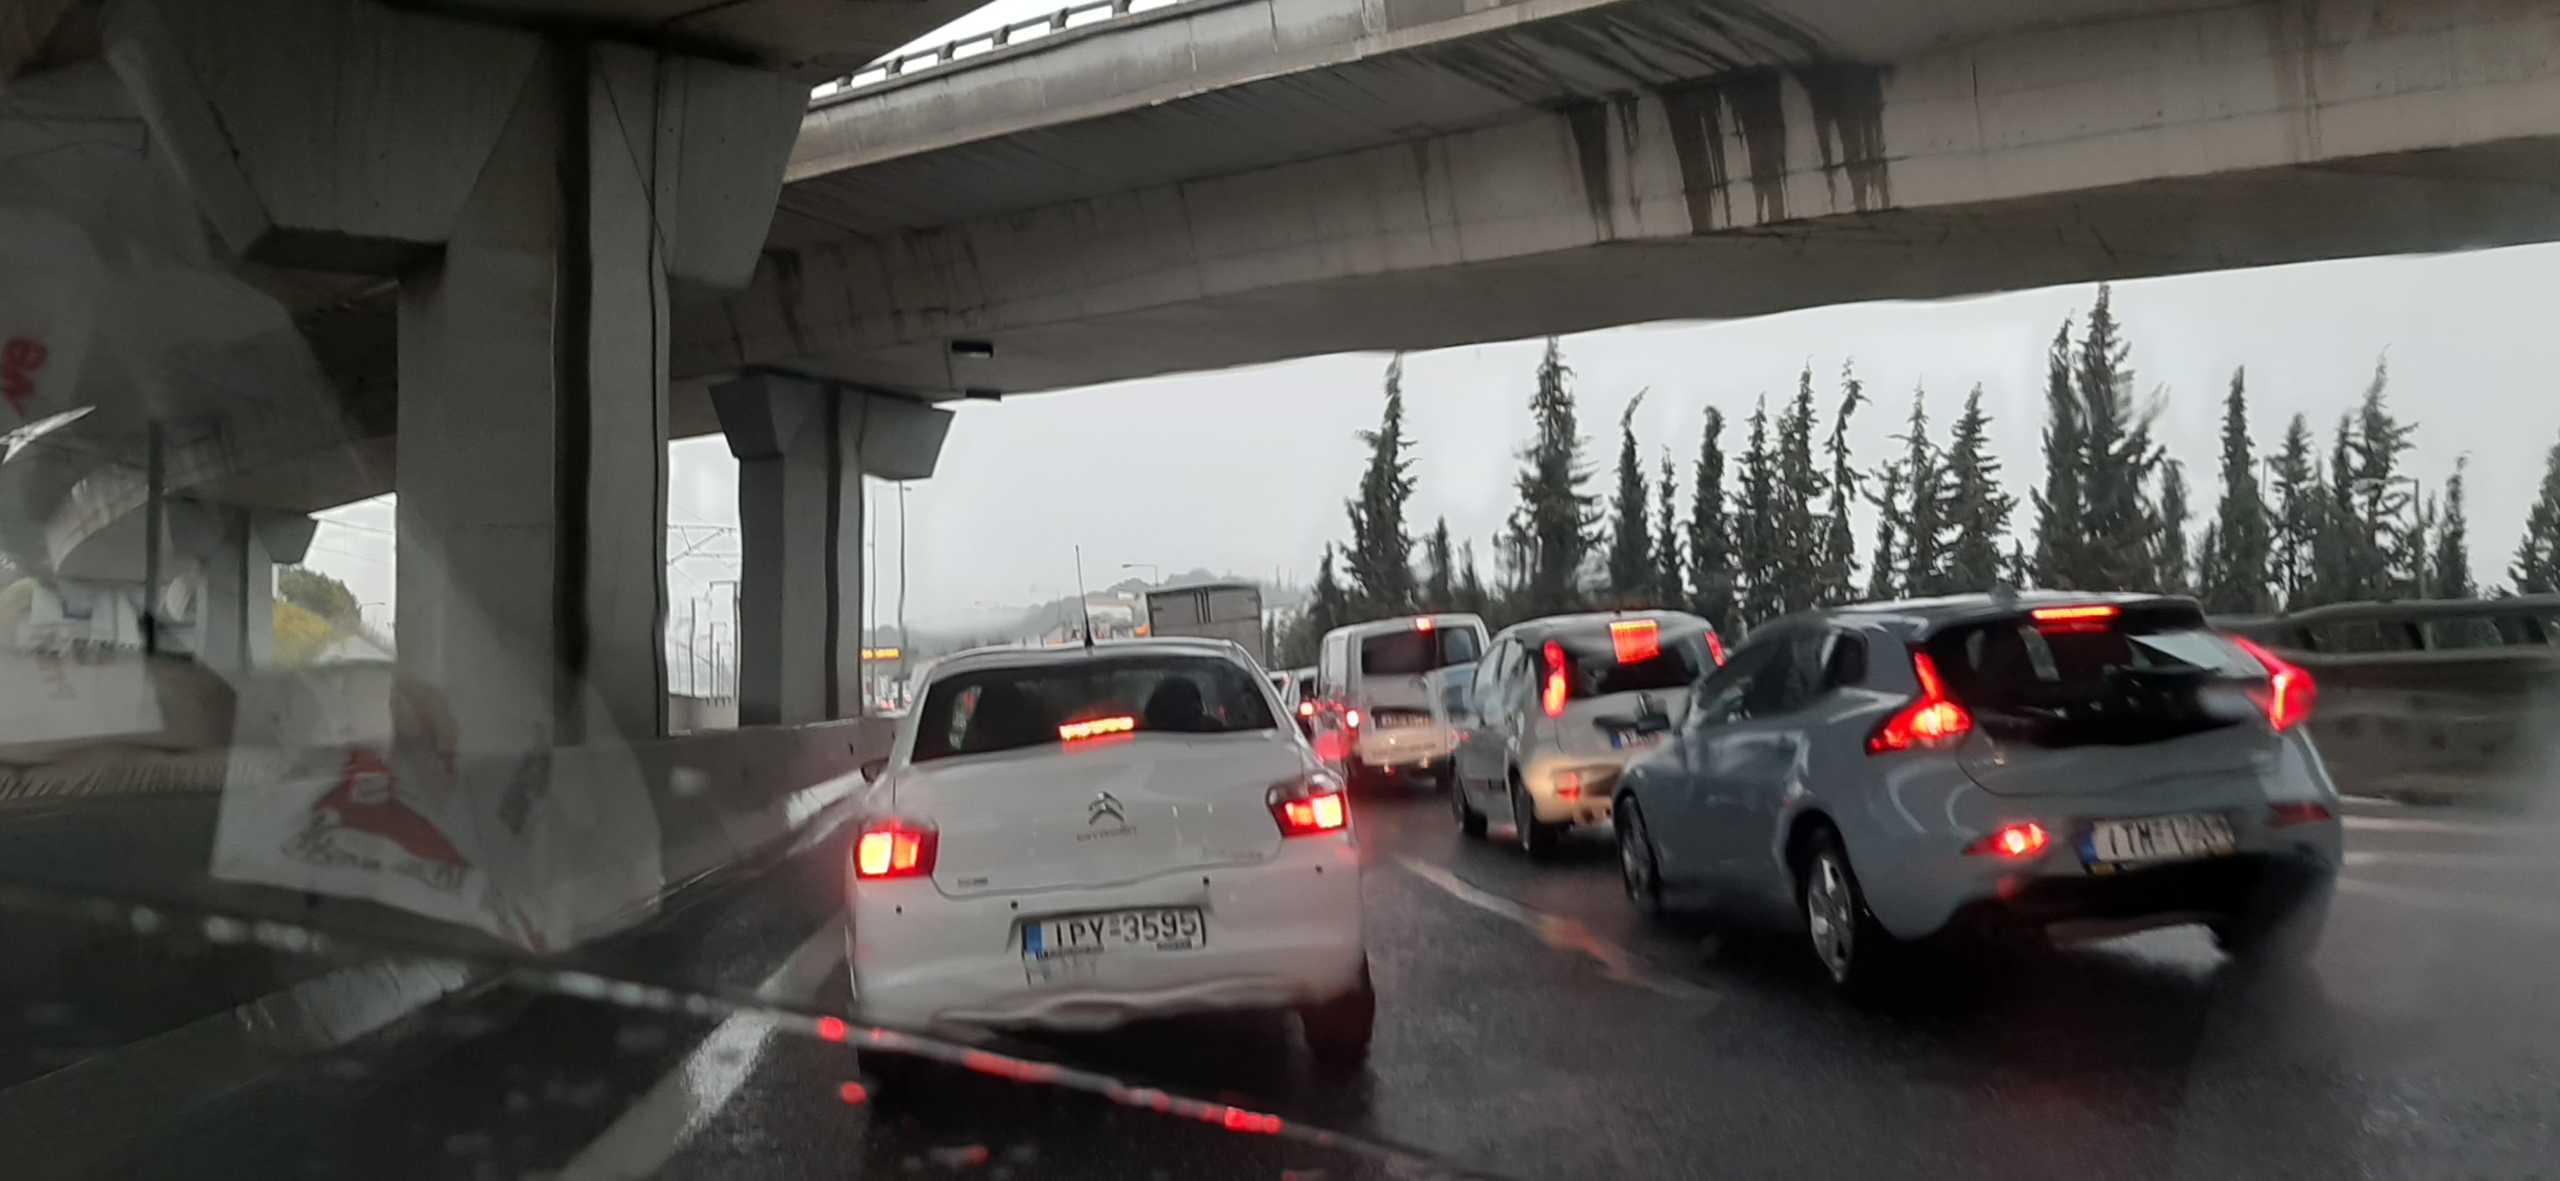 Αυξημένη κίνηση στη λεωφόρο Αθηνών μετά από σύγκρουση οχημάτων (pic)